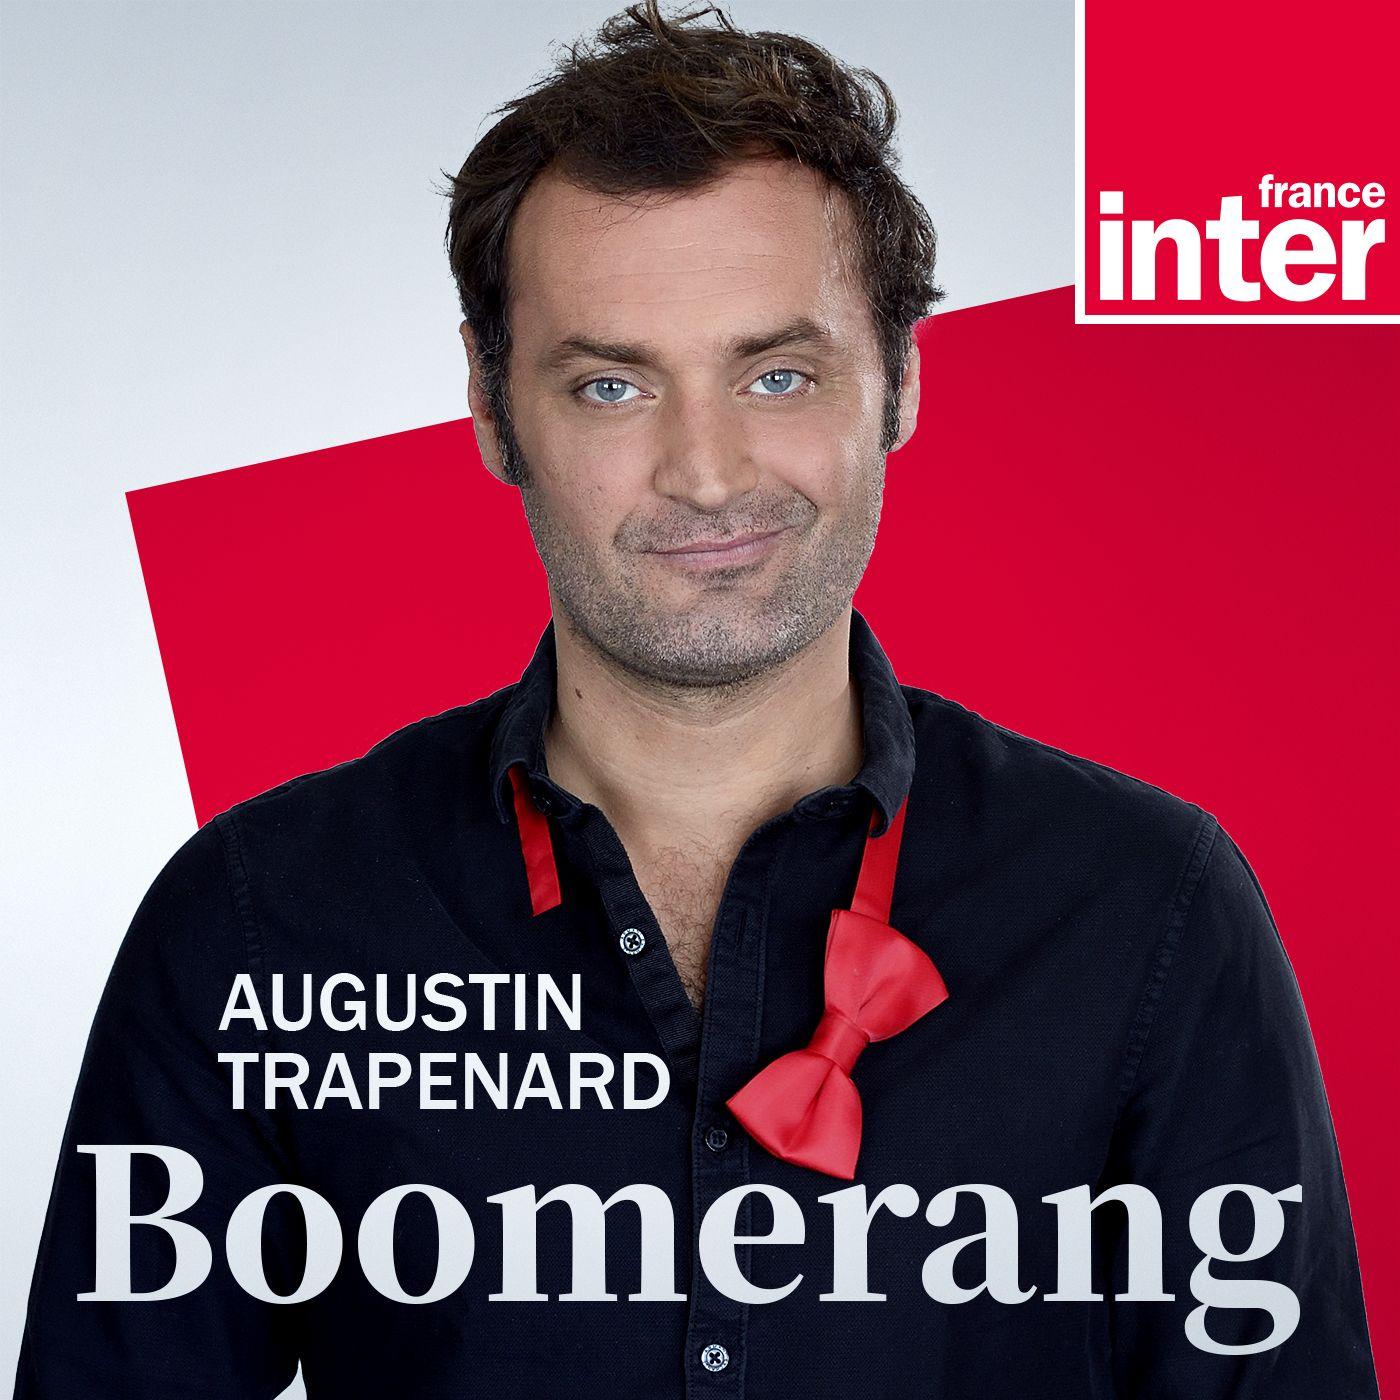 Image 1: Boomerang